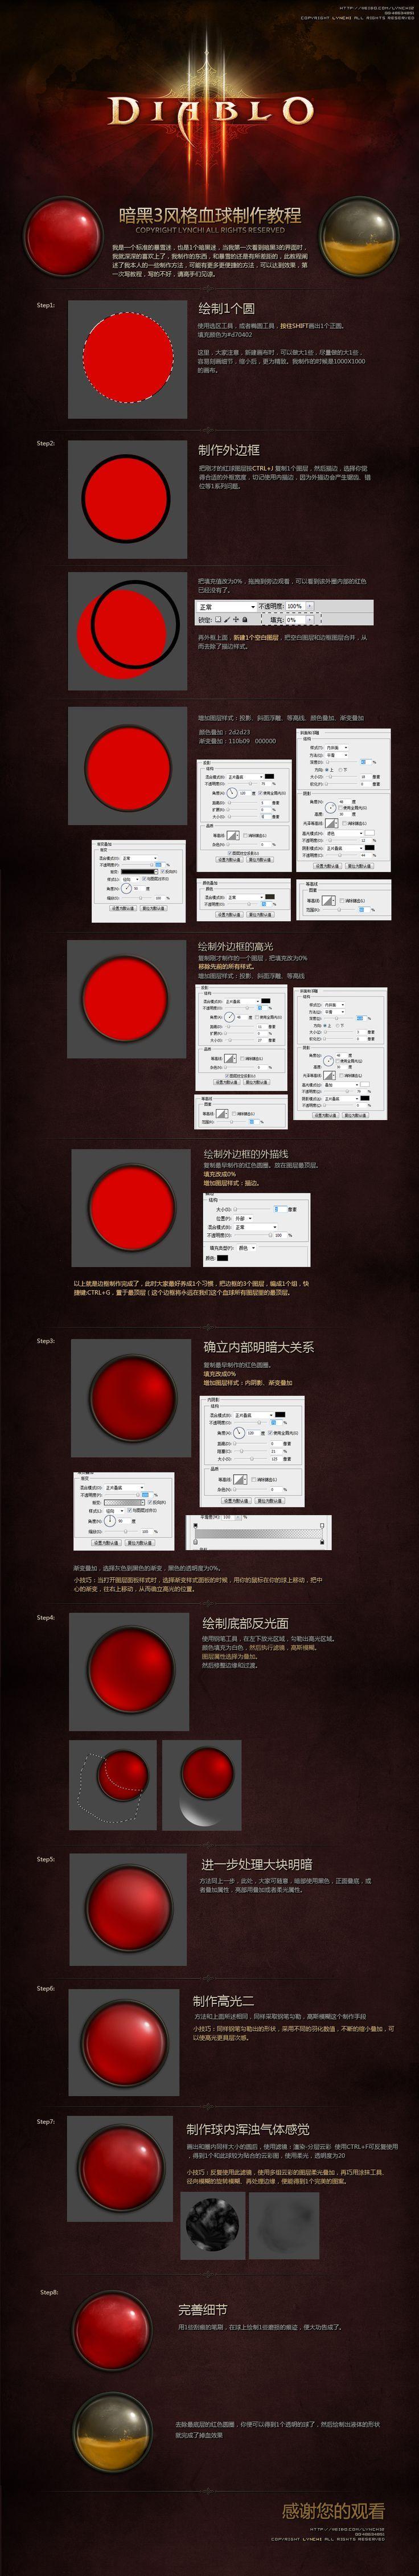 暗黑3风格血球制作 [教程] |GAMEUI- 游戏设计圈聚集地 | 游戏UI | 游戏界面 | 游戏图标 | 游戏网站 | 游戏群 | 游戏设计: